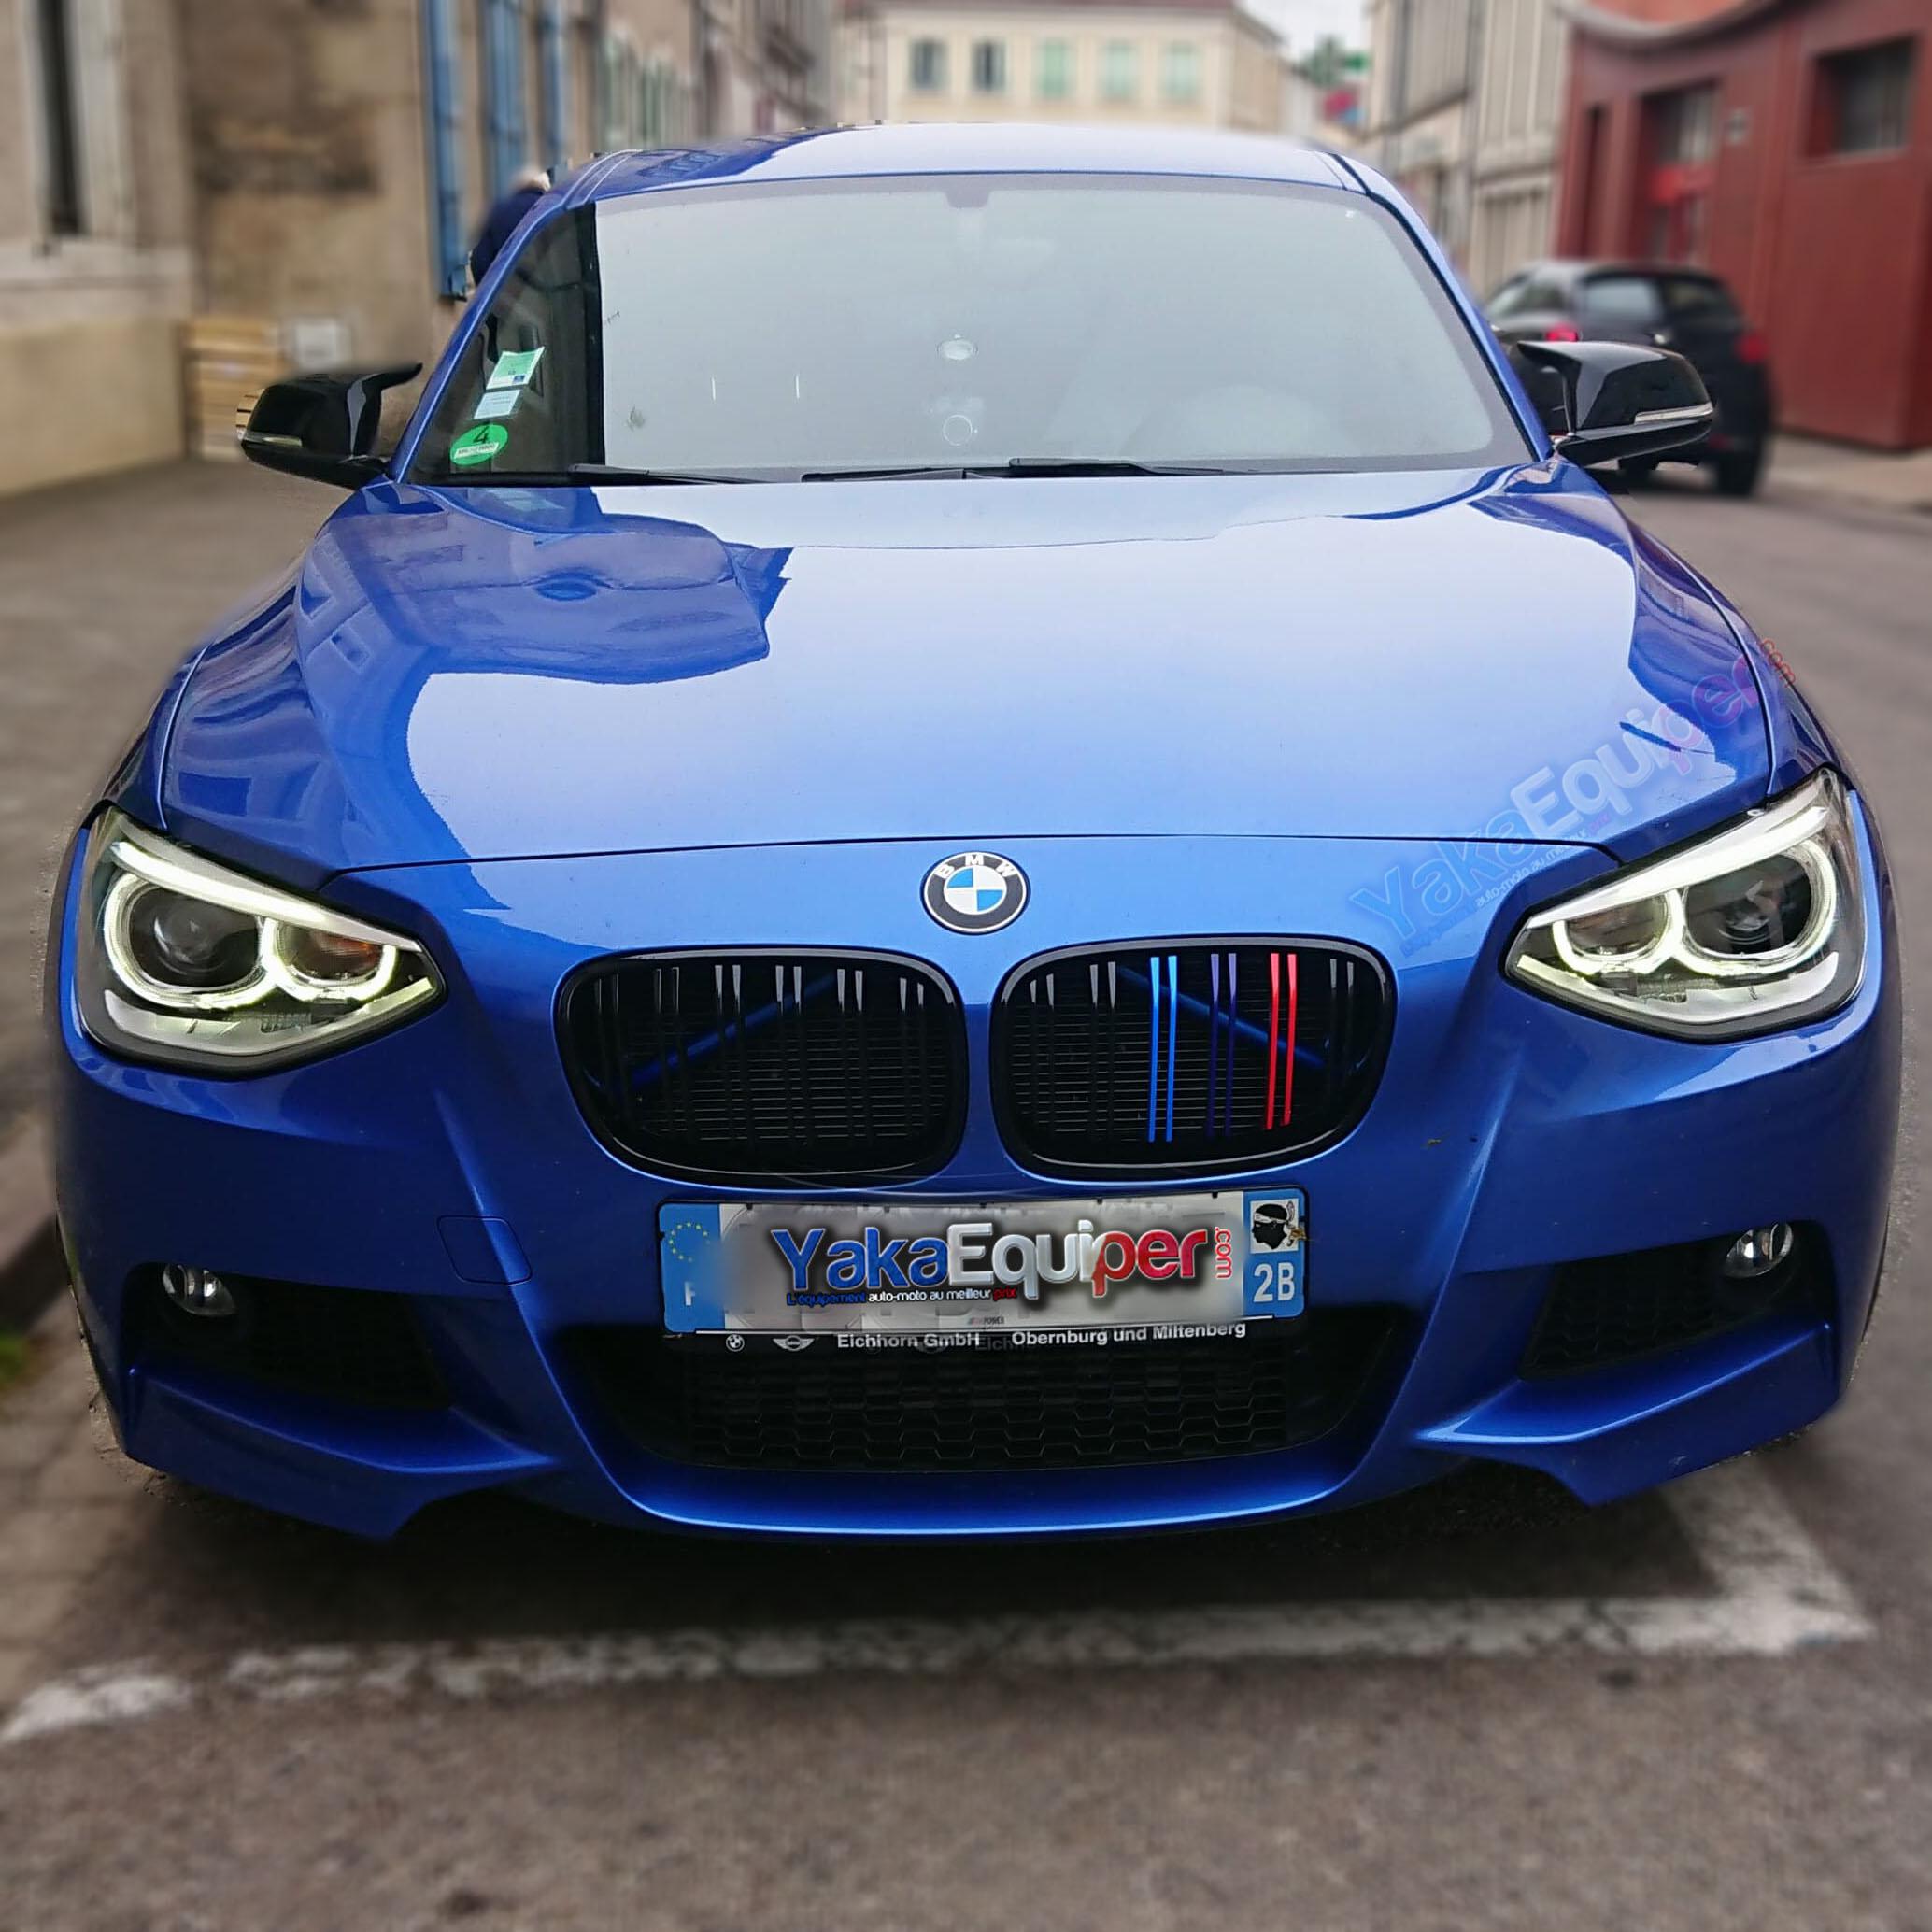 BMW DEPO Angel faros 1 v2 F20 LED Eyes CBerdxo